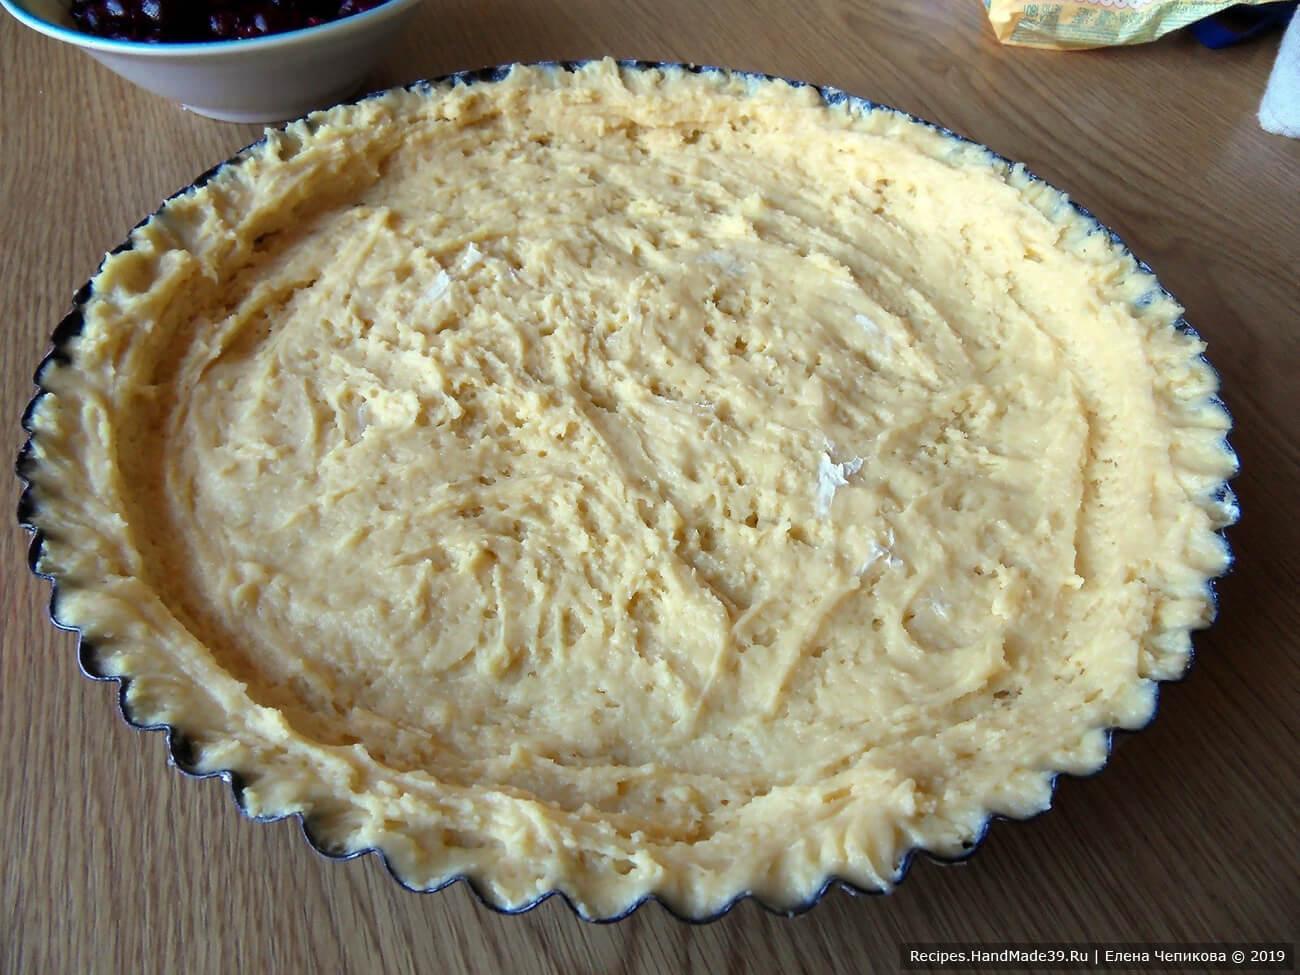 Форму для выпекания смазать маслом или маргарином. Выложить готовое тесто, руками распределить по дну и сделать бортики